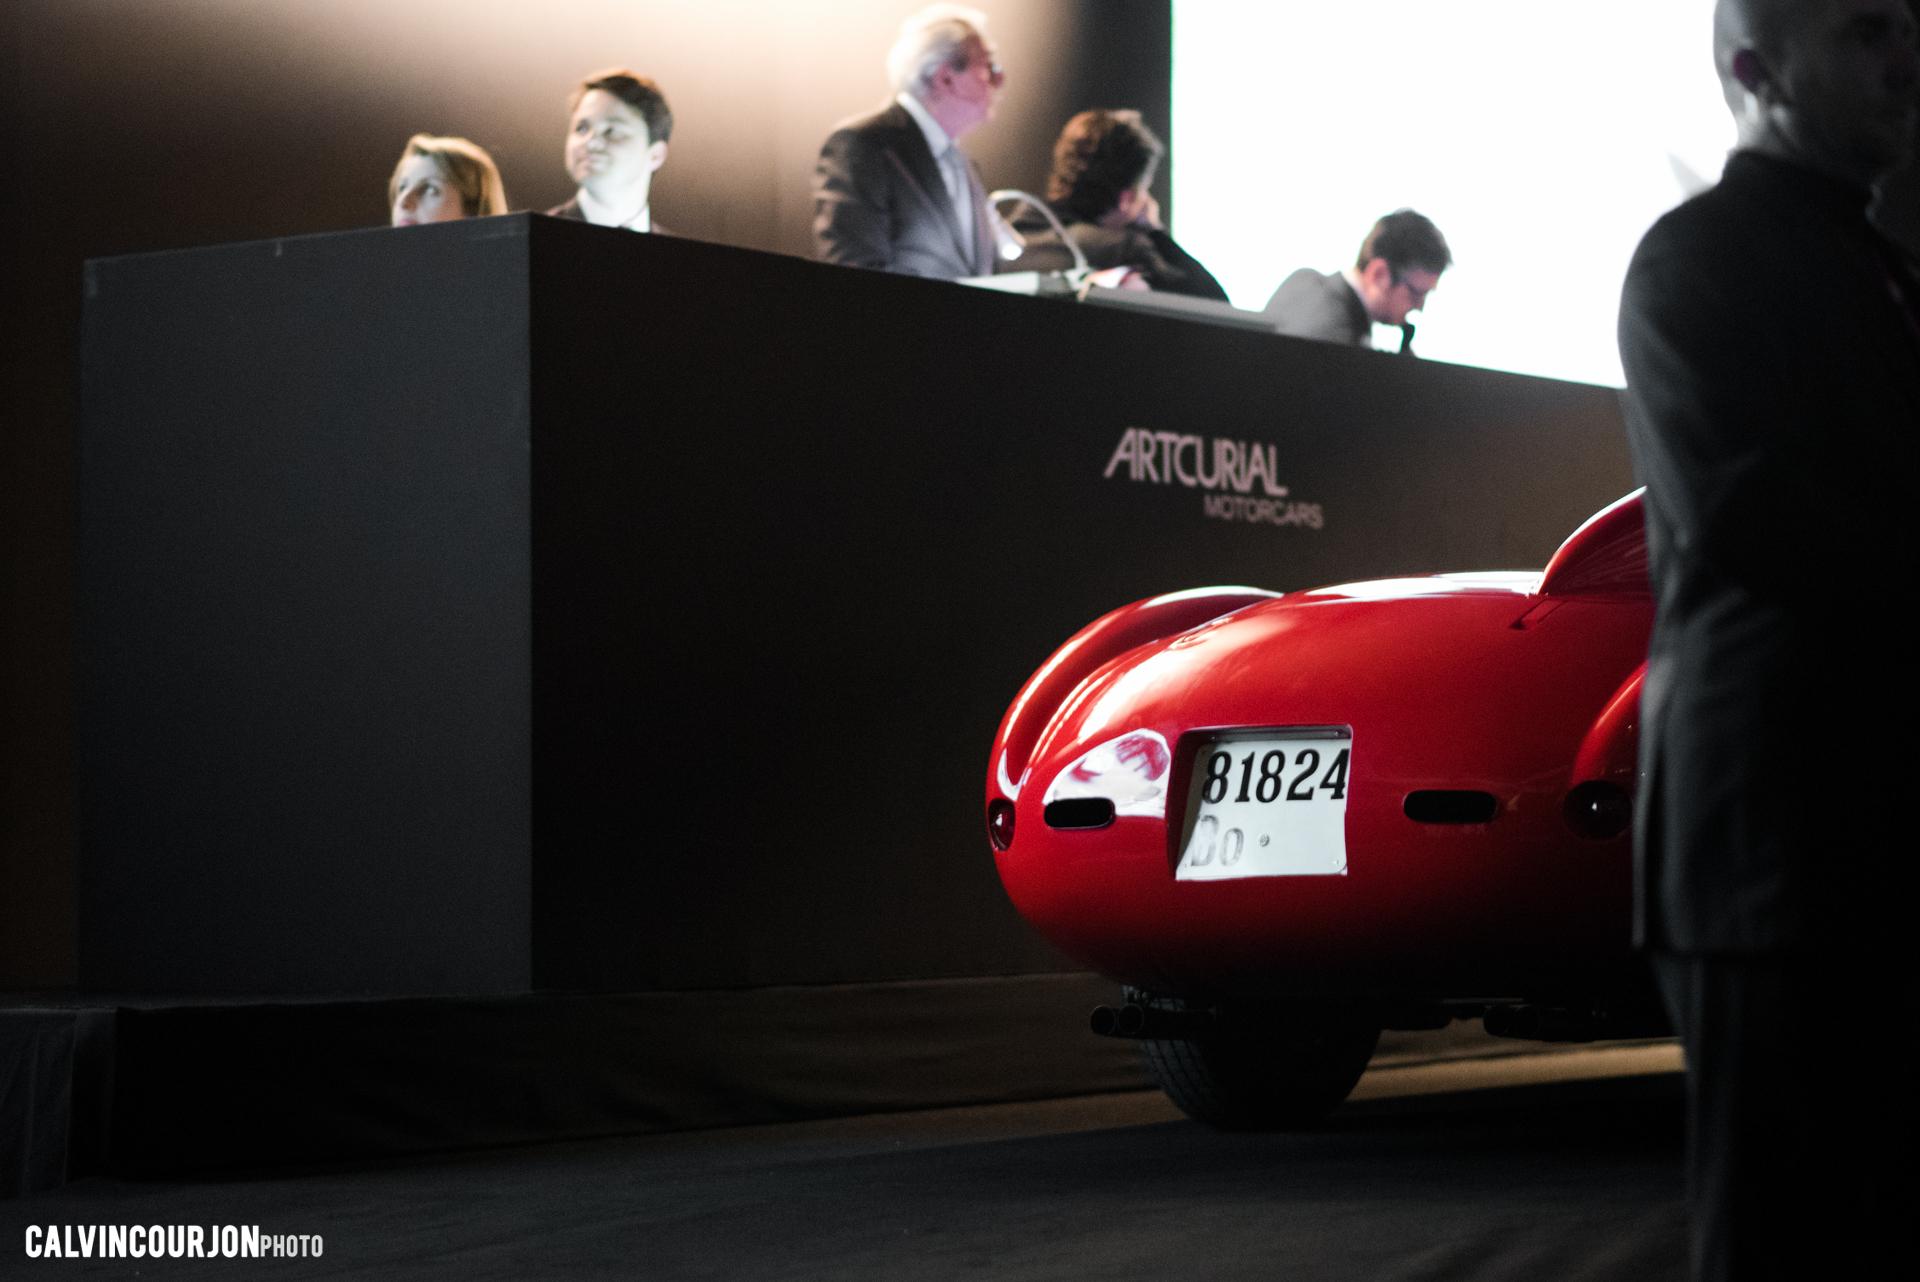 Ferrari 335 S - Artcurial 2016 - Calvin Courjon Photographie